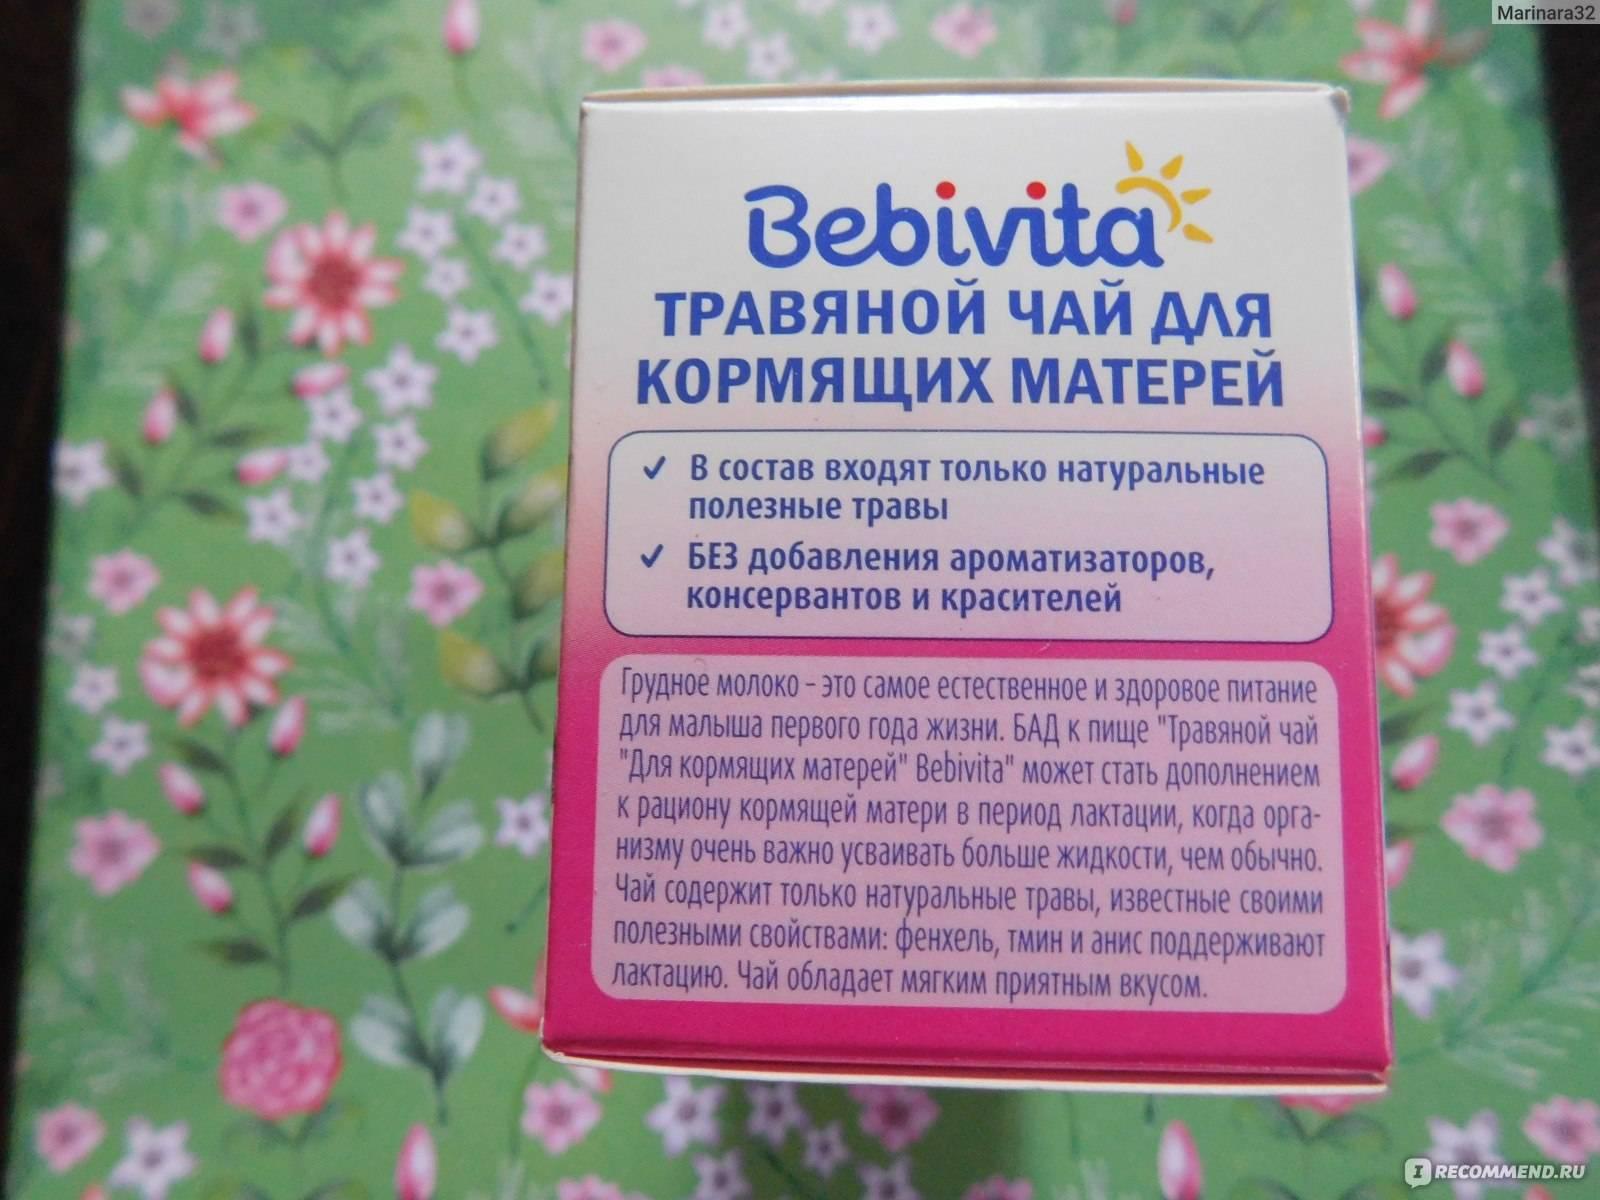 Мята при грудном вскармливании: можно ли пить с ней чай в первый месяц гв маме новорожденного, а также как правильно ввести в меню женщины и ребенка?